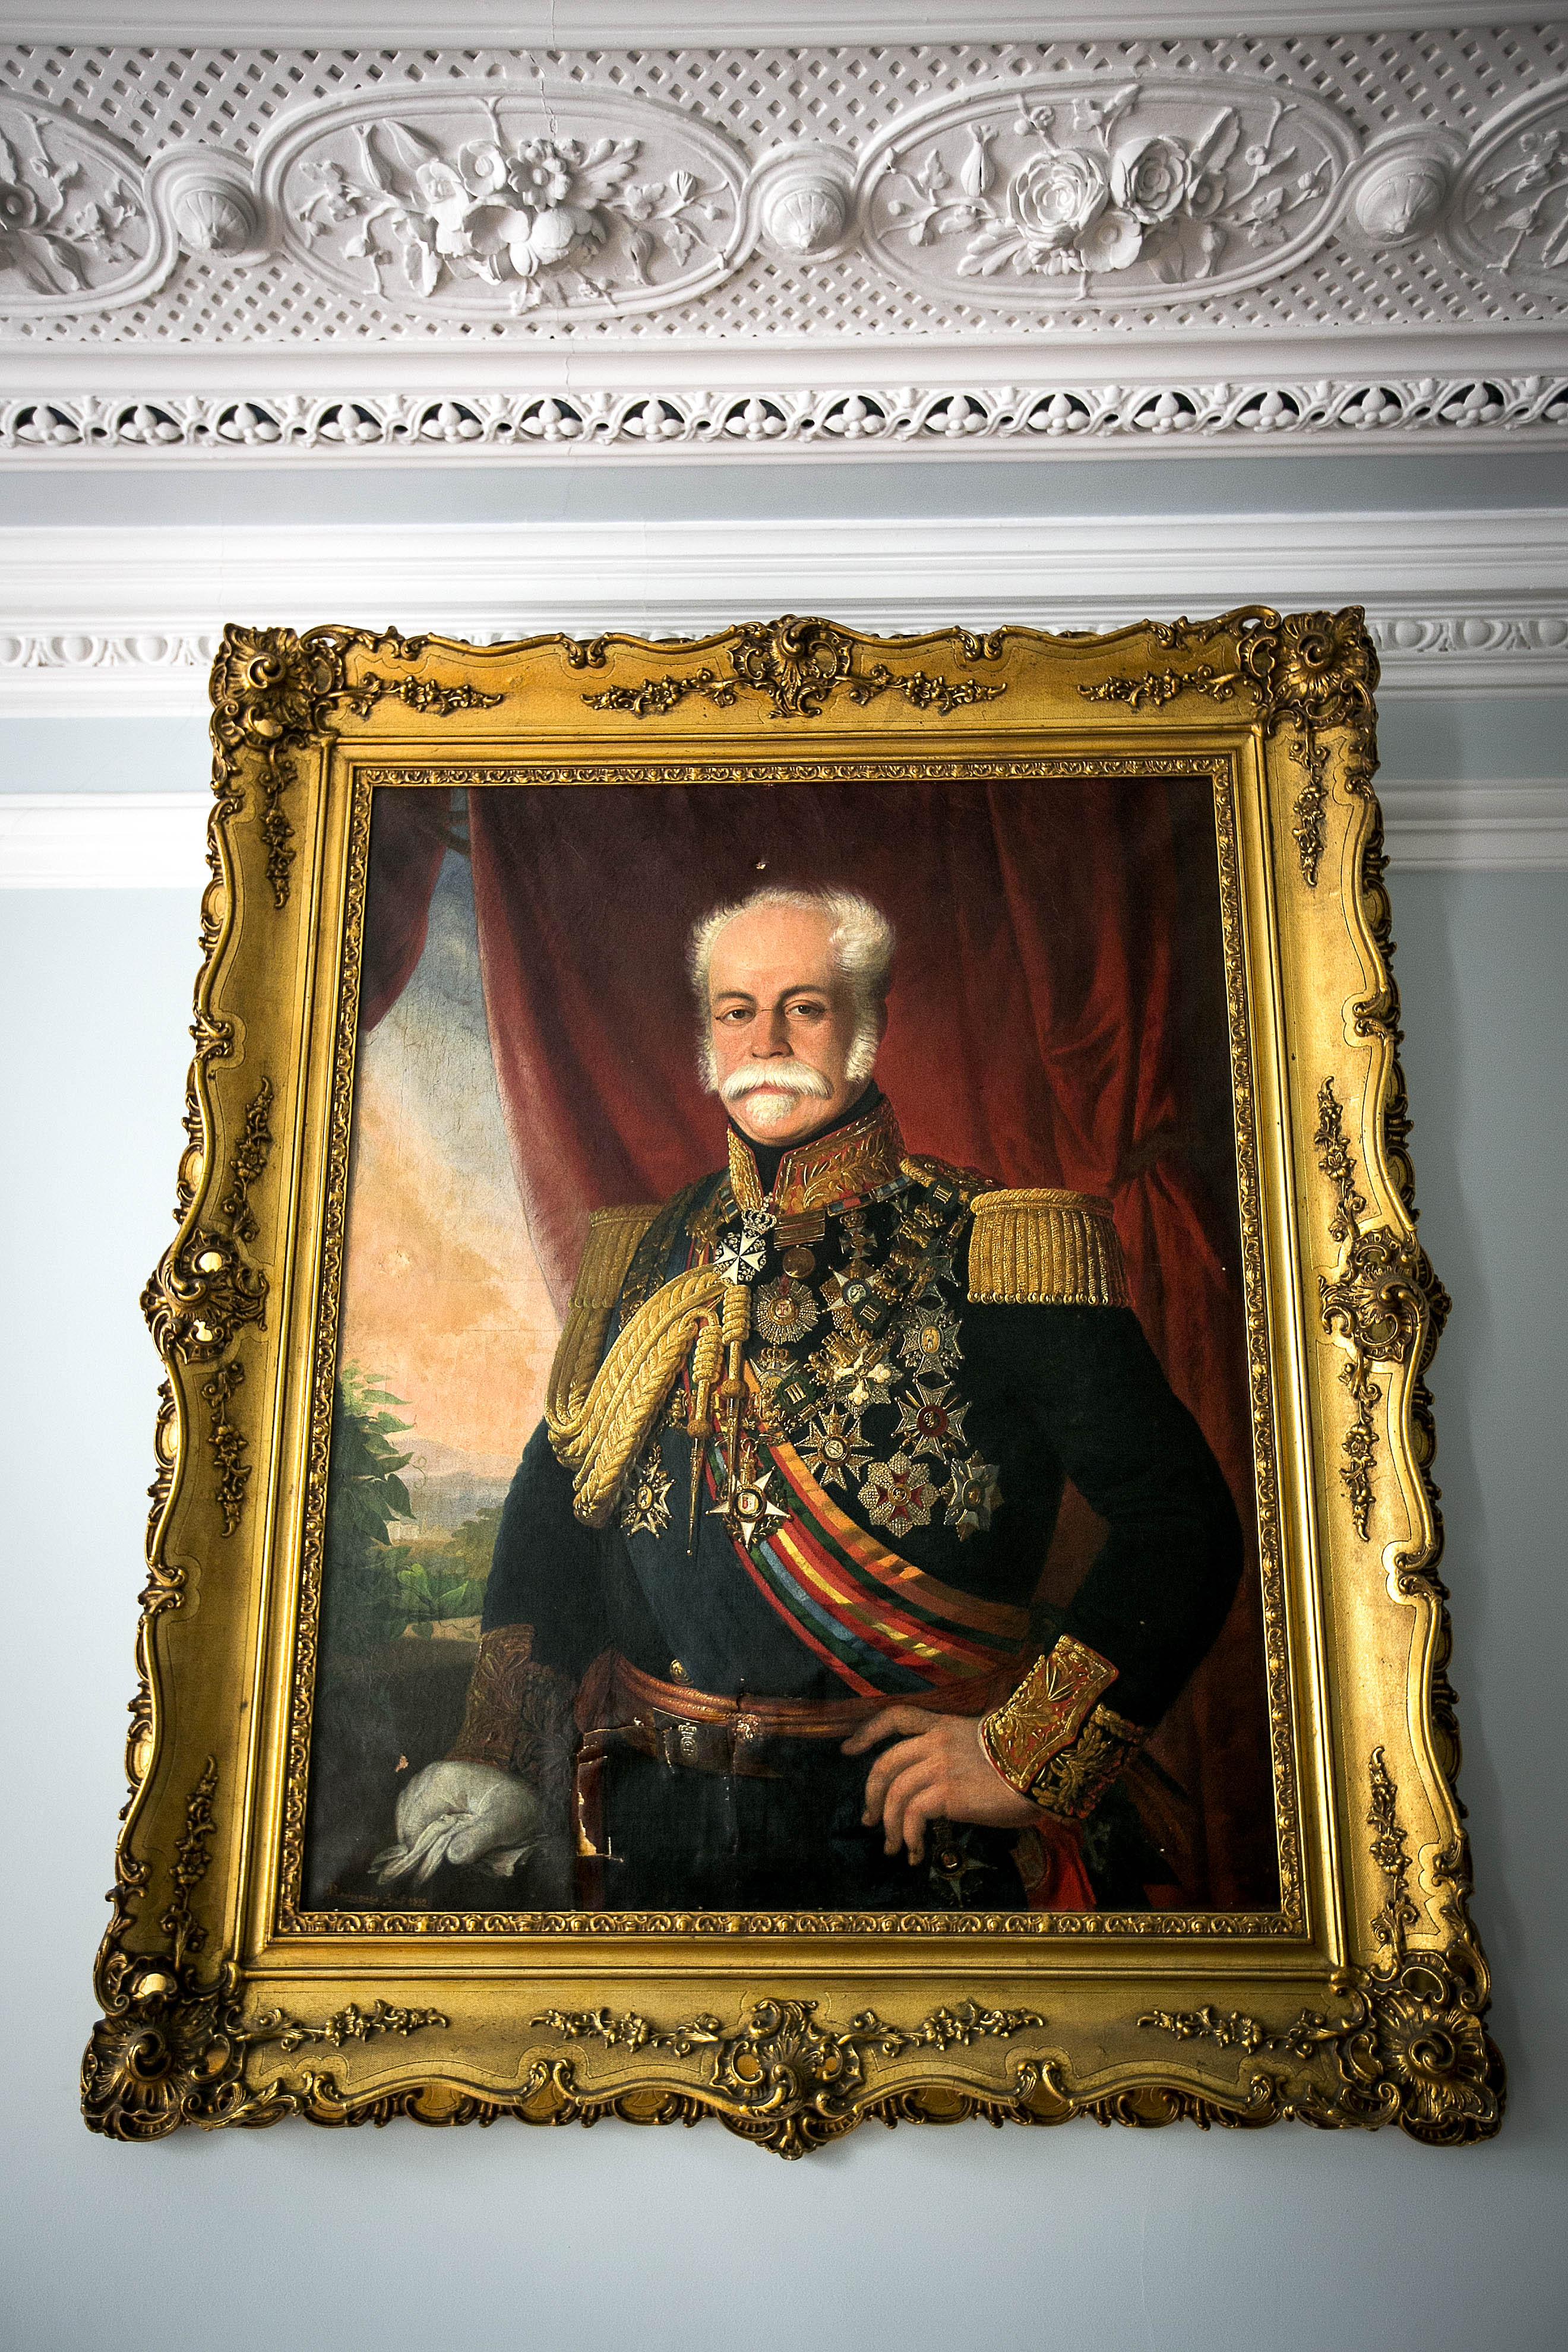 Retrato do Duque de Saldanha, com a marca das balas que feriram Miguel Bombarda.